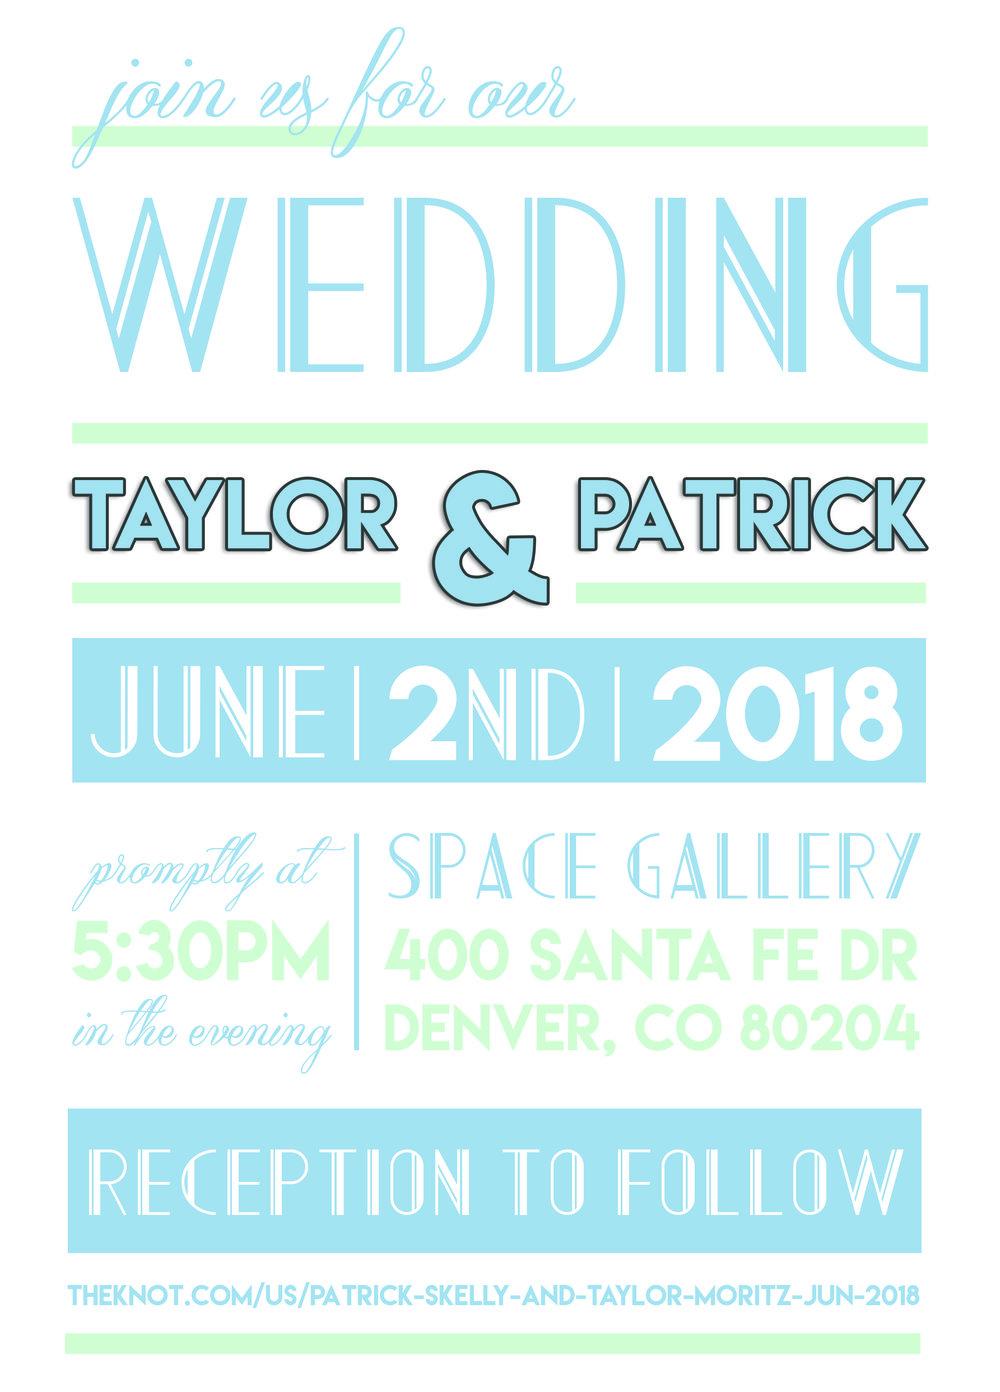 Splart + CB Wedding Invite Draft 1.jpg